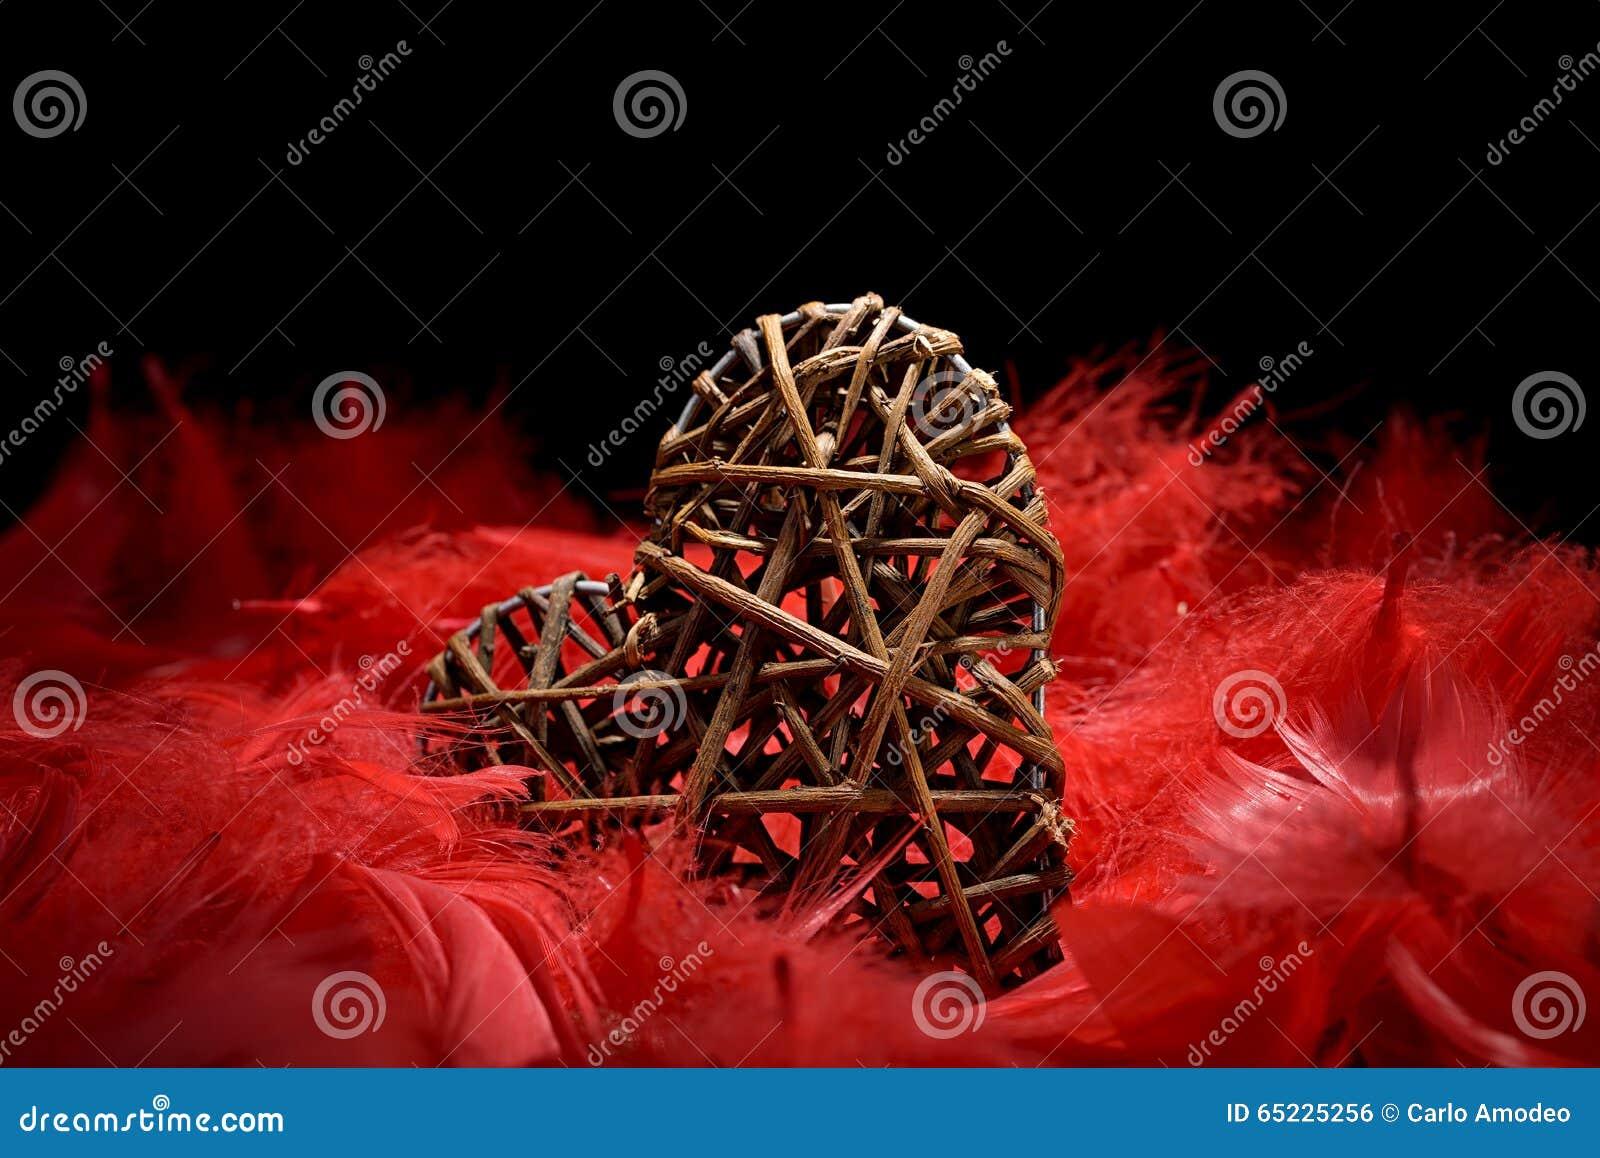 Drewniany serce w czerwonych piórkach